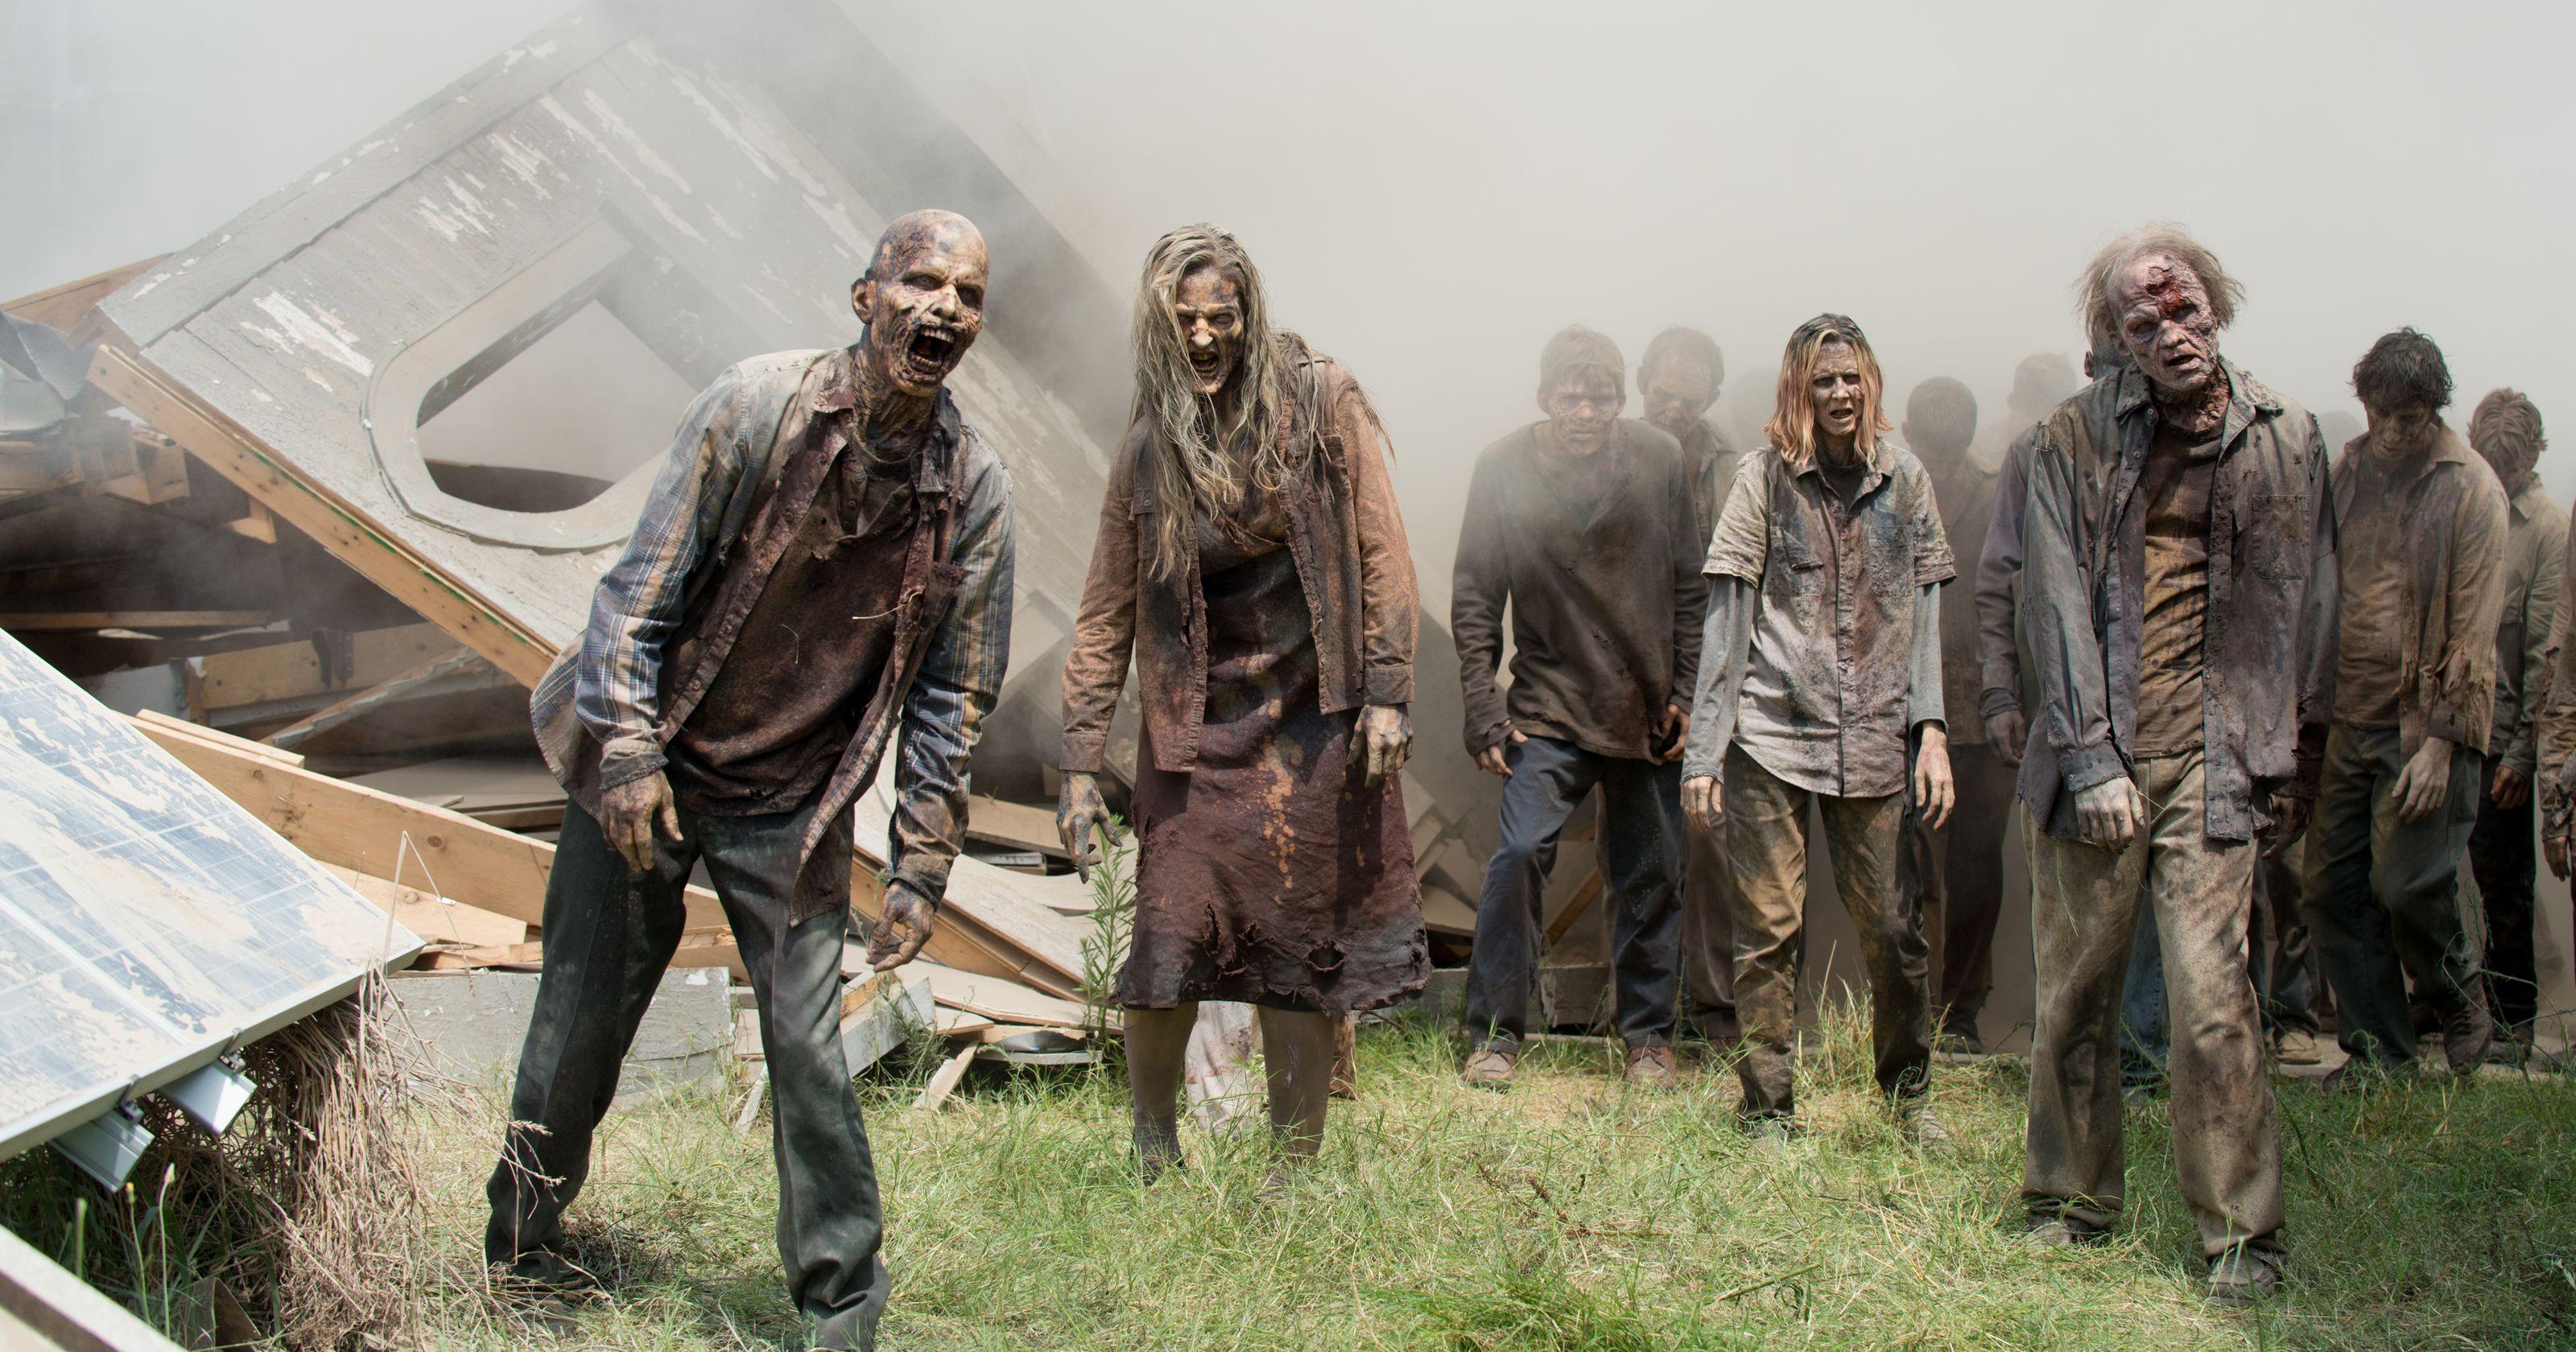 635910975427054576-the-walking-dead-zombies.jpg